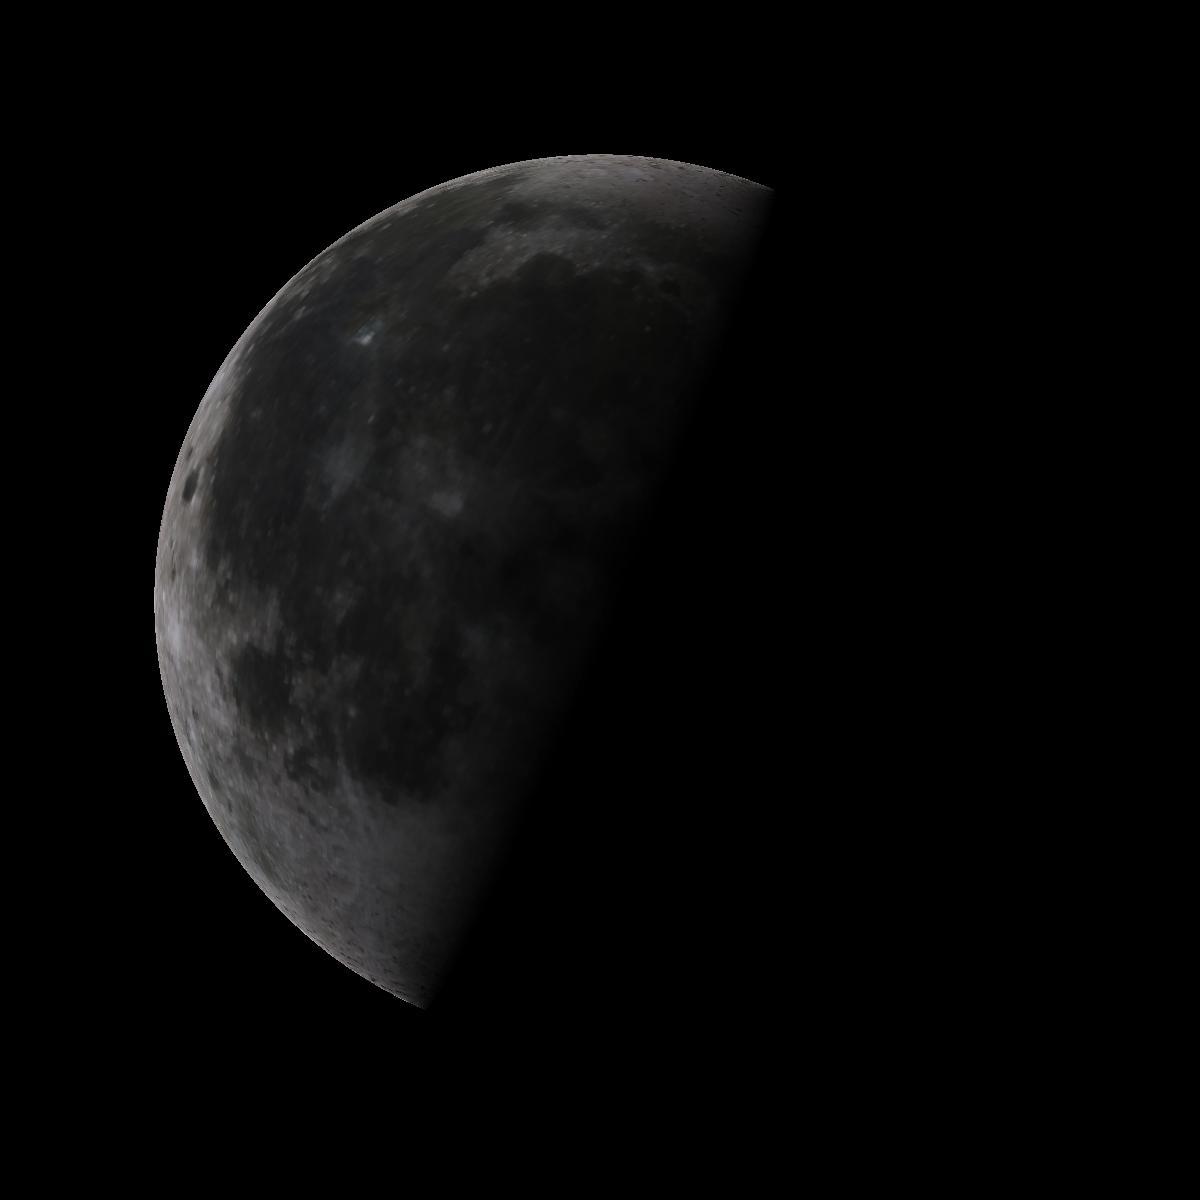 Lune du 13 juin 2020